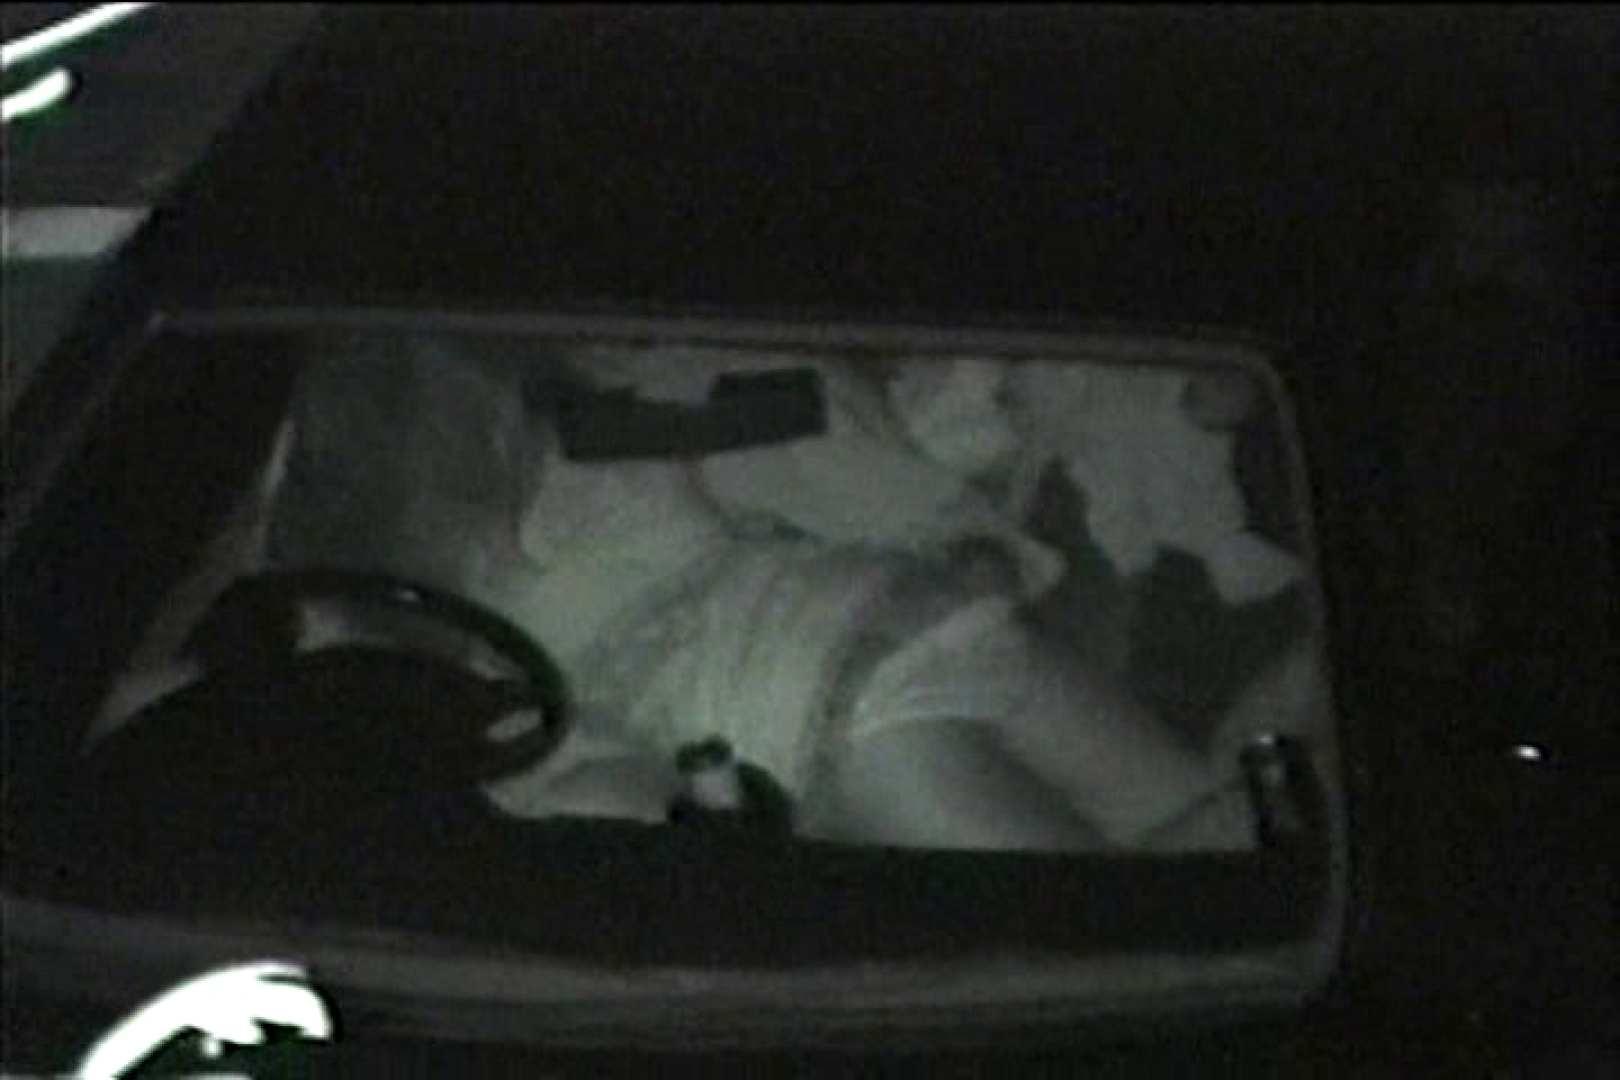 車の中はラブホテル 無修正版  Vol.7 カーセックス 性交動画流出 81画像 71